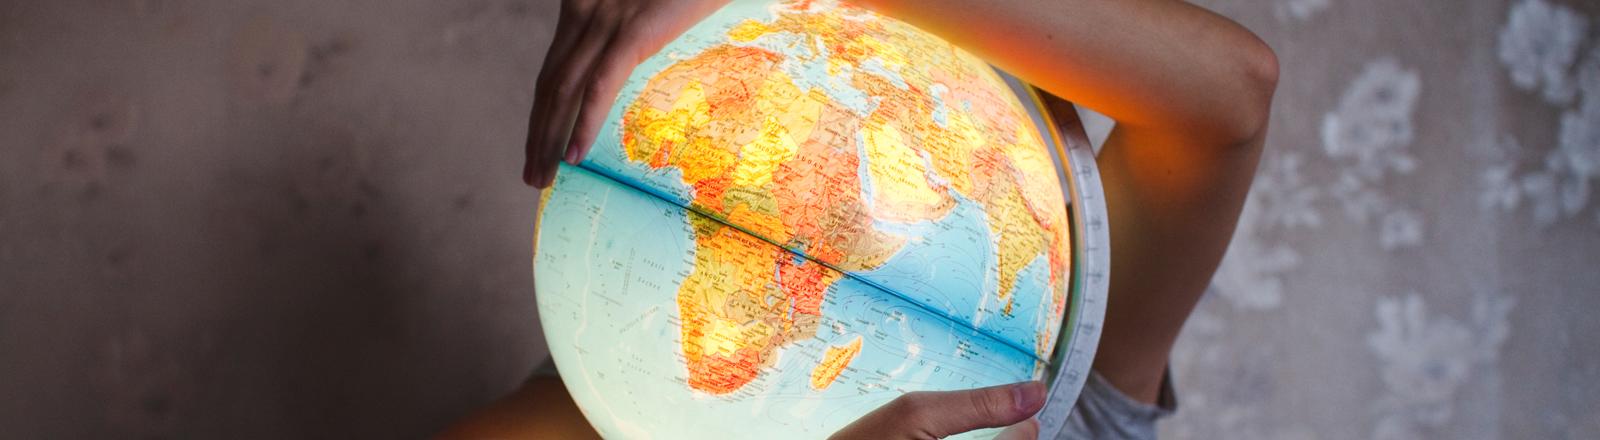 Ein Mann umfasst einen beleuchteten Globus.